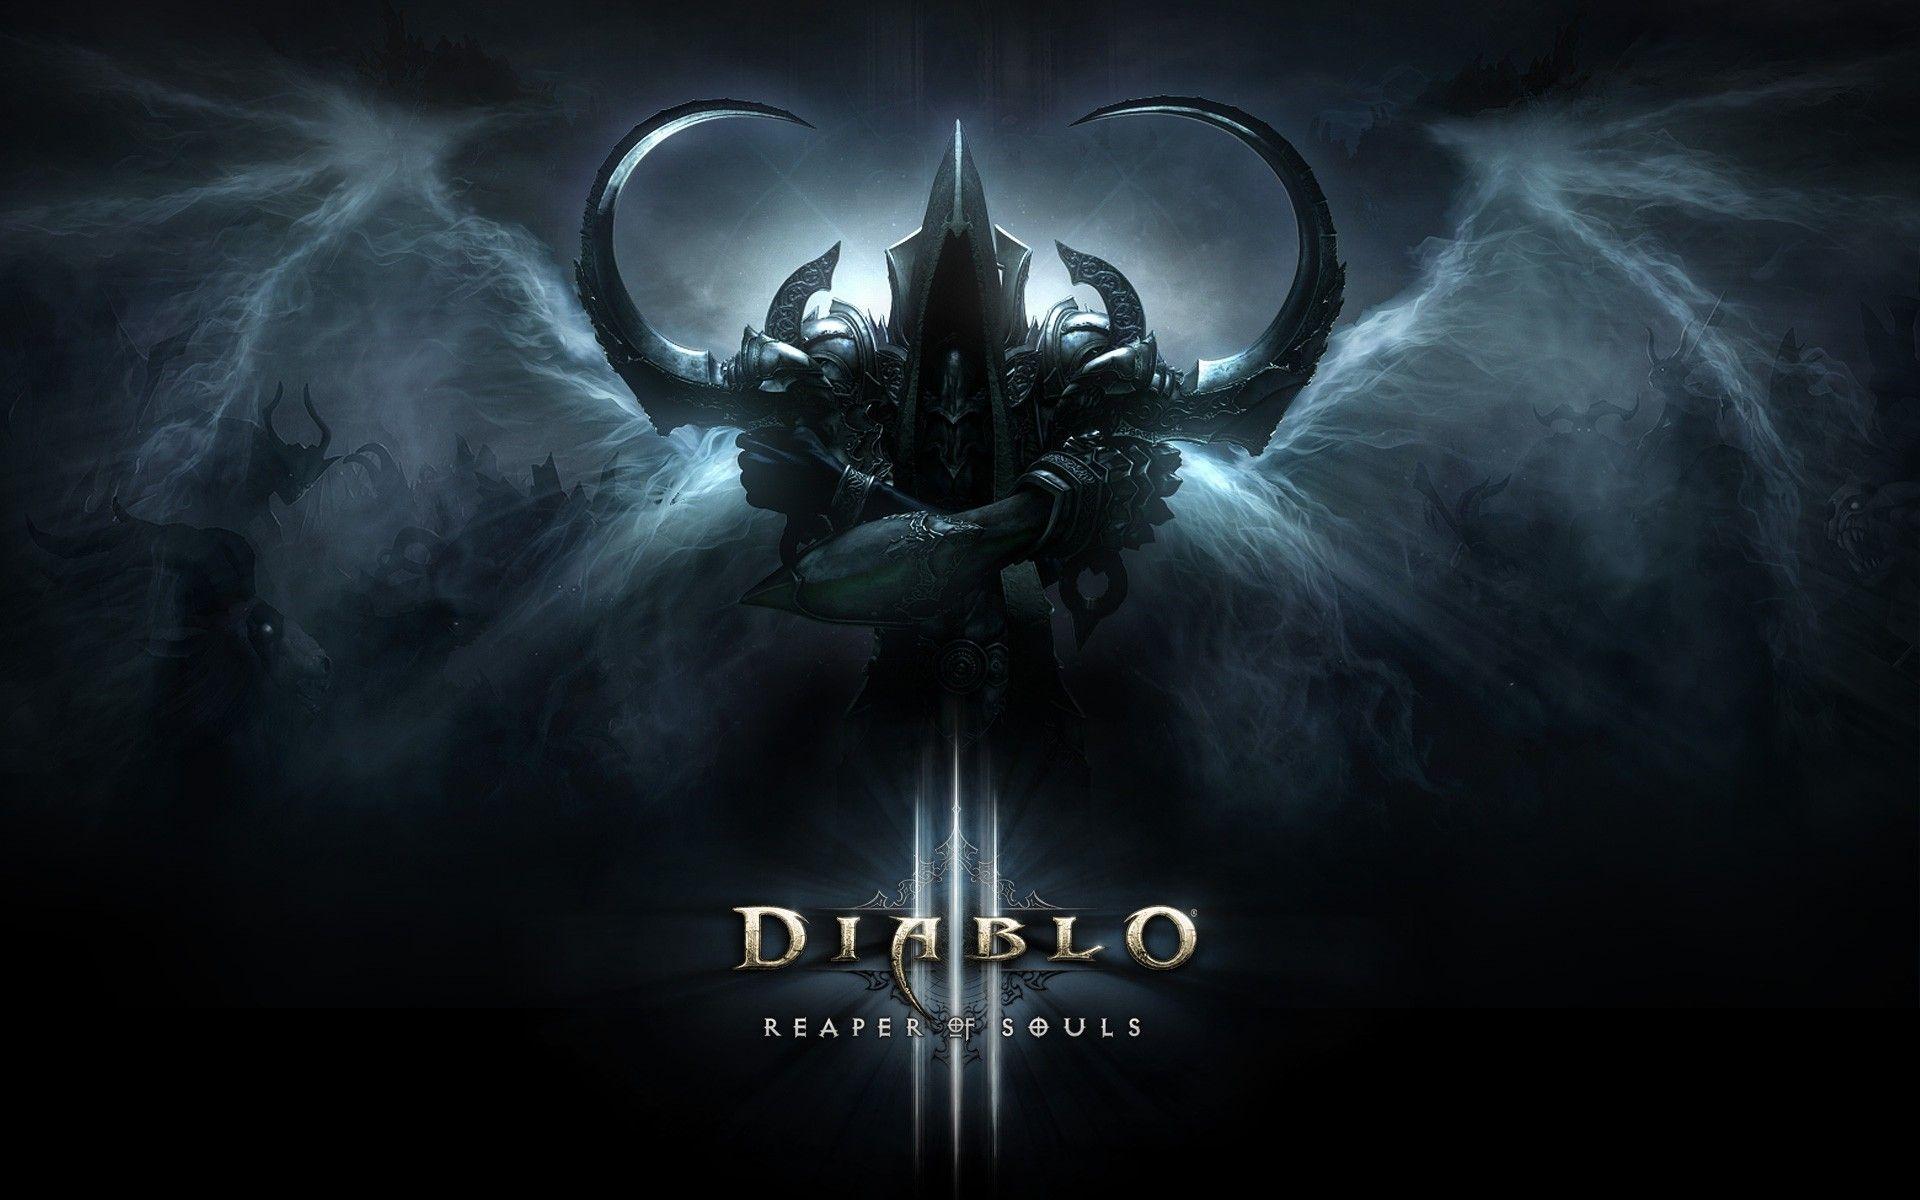 Unique Diablo 3 Reaper Of Souls Wallpaper